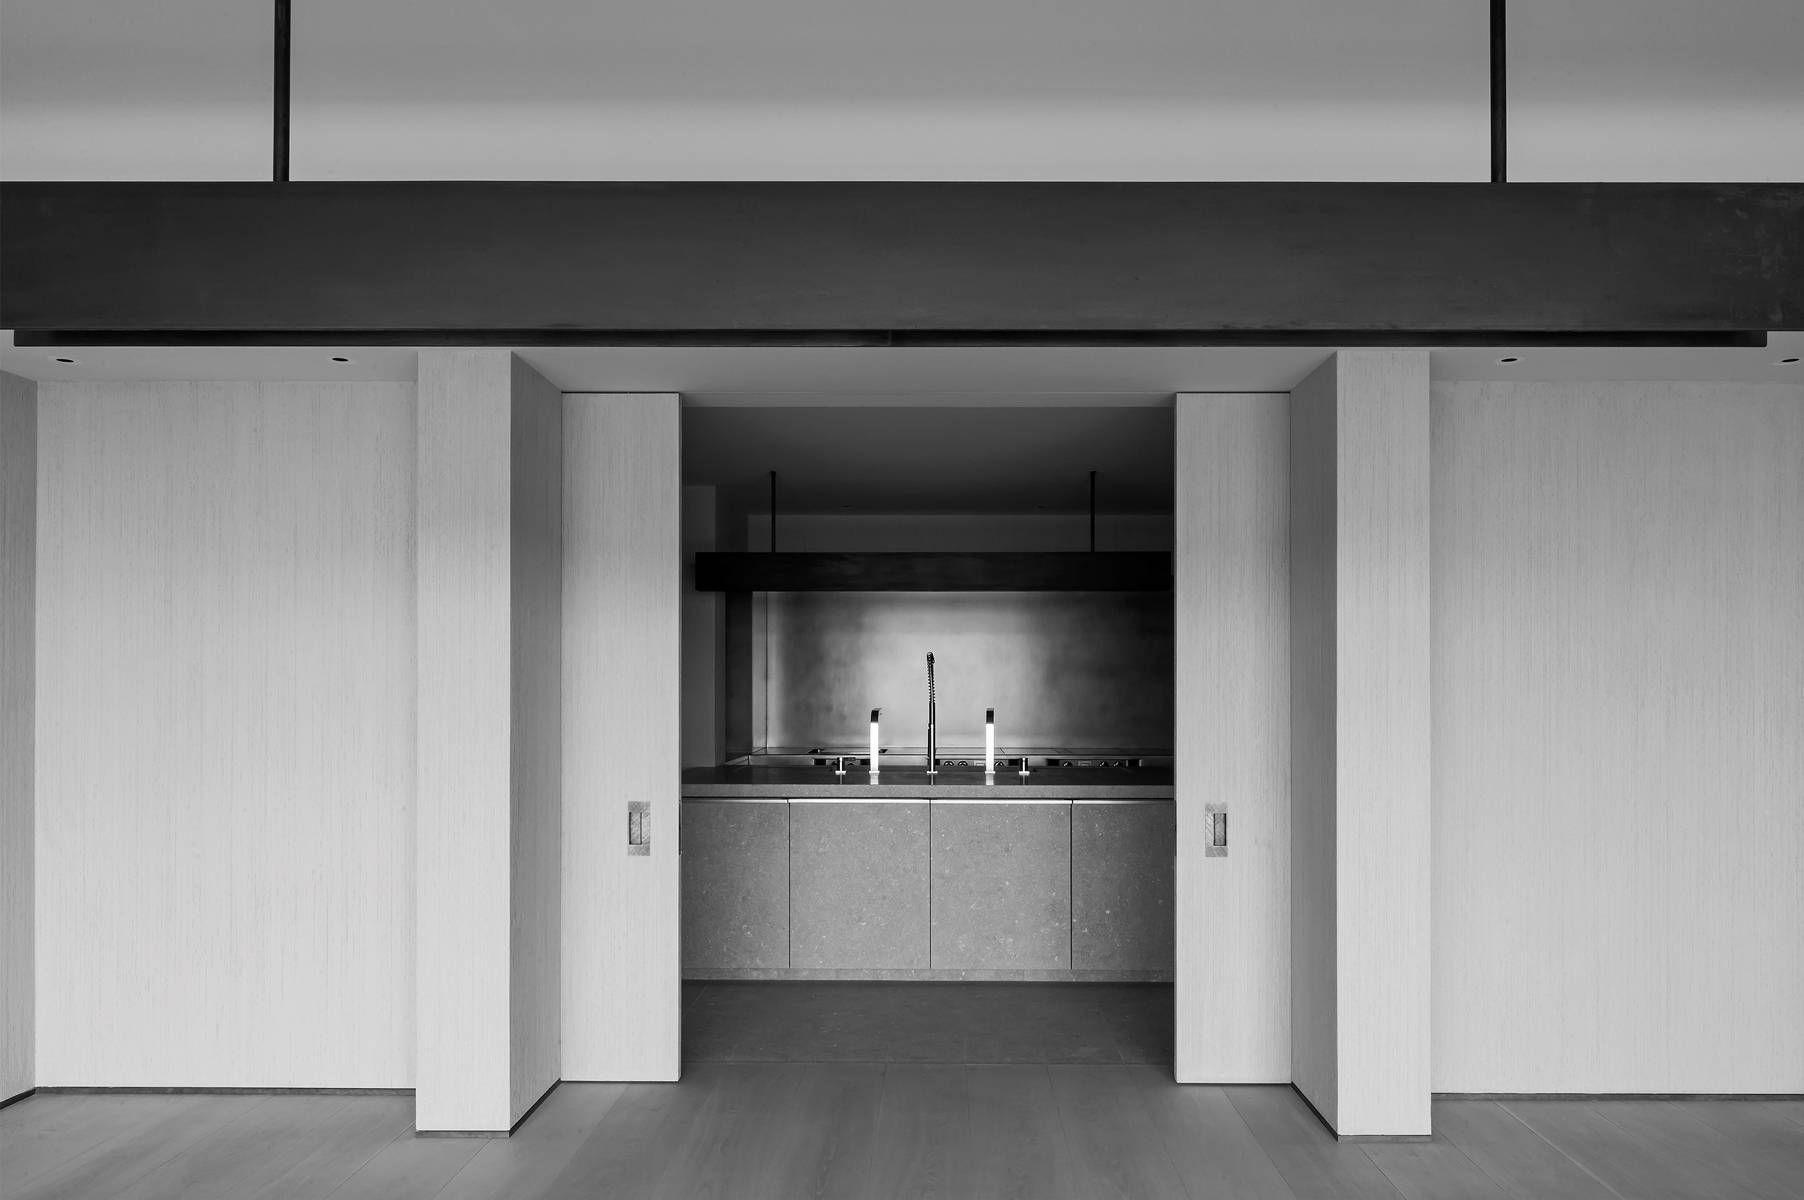 WM - Projects - Vincent Van Duysen